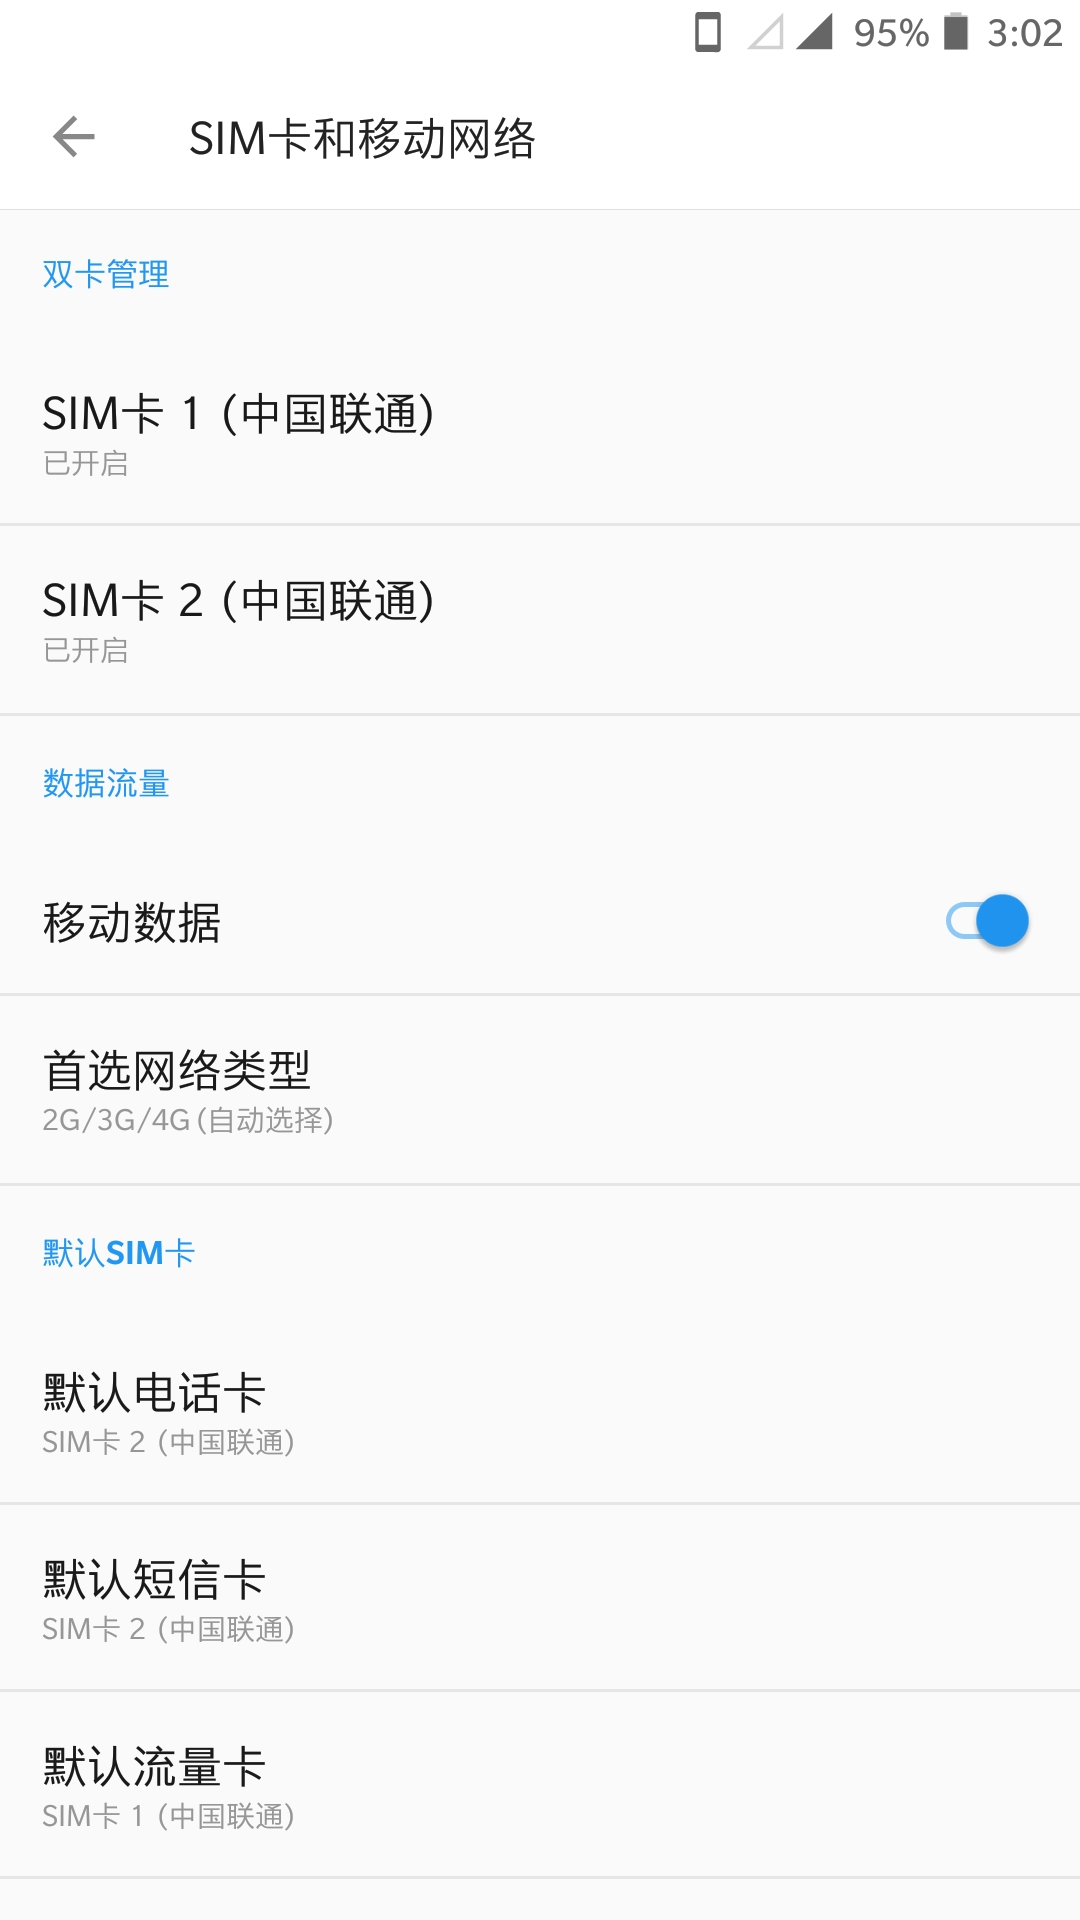 Screenshot_20171130-150220.jpg